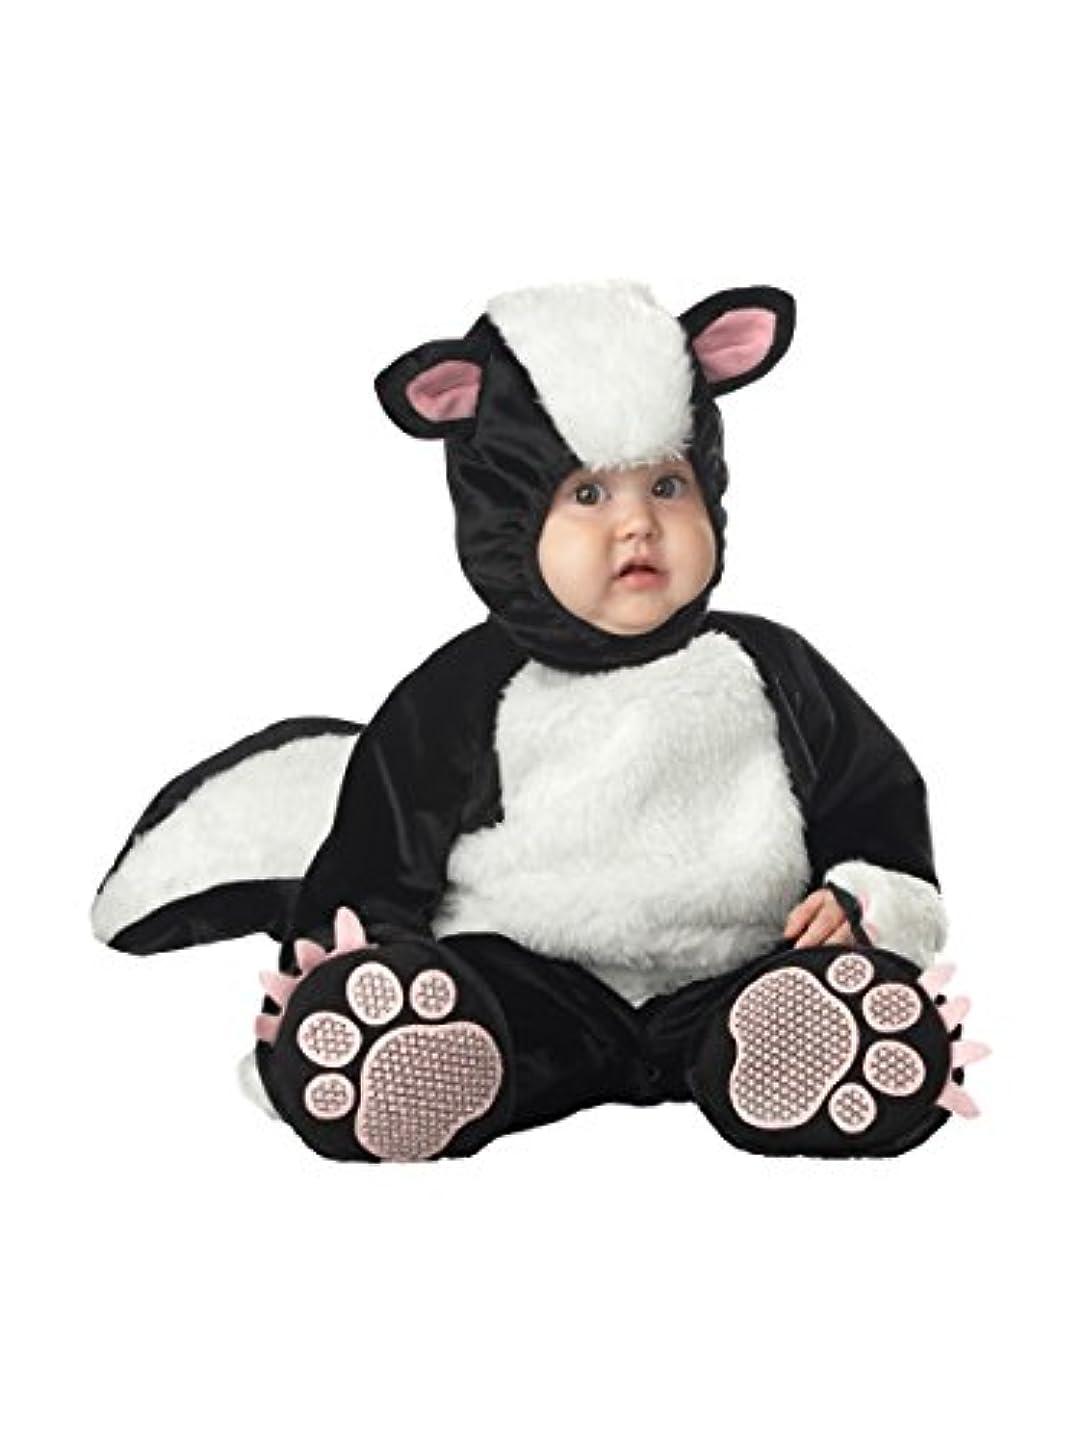 迷彩と闘う惨めなLil' Stinker Elite Collection Infant/Toddler Costume リル化なるエリートコレクション幼児/幼児コスチューム サイズ:Infant (6-12M)